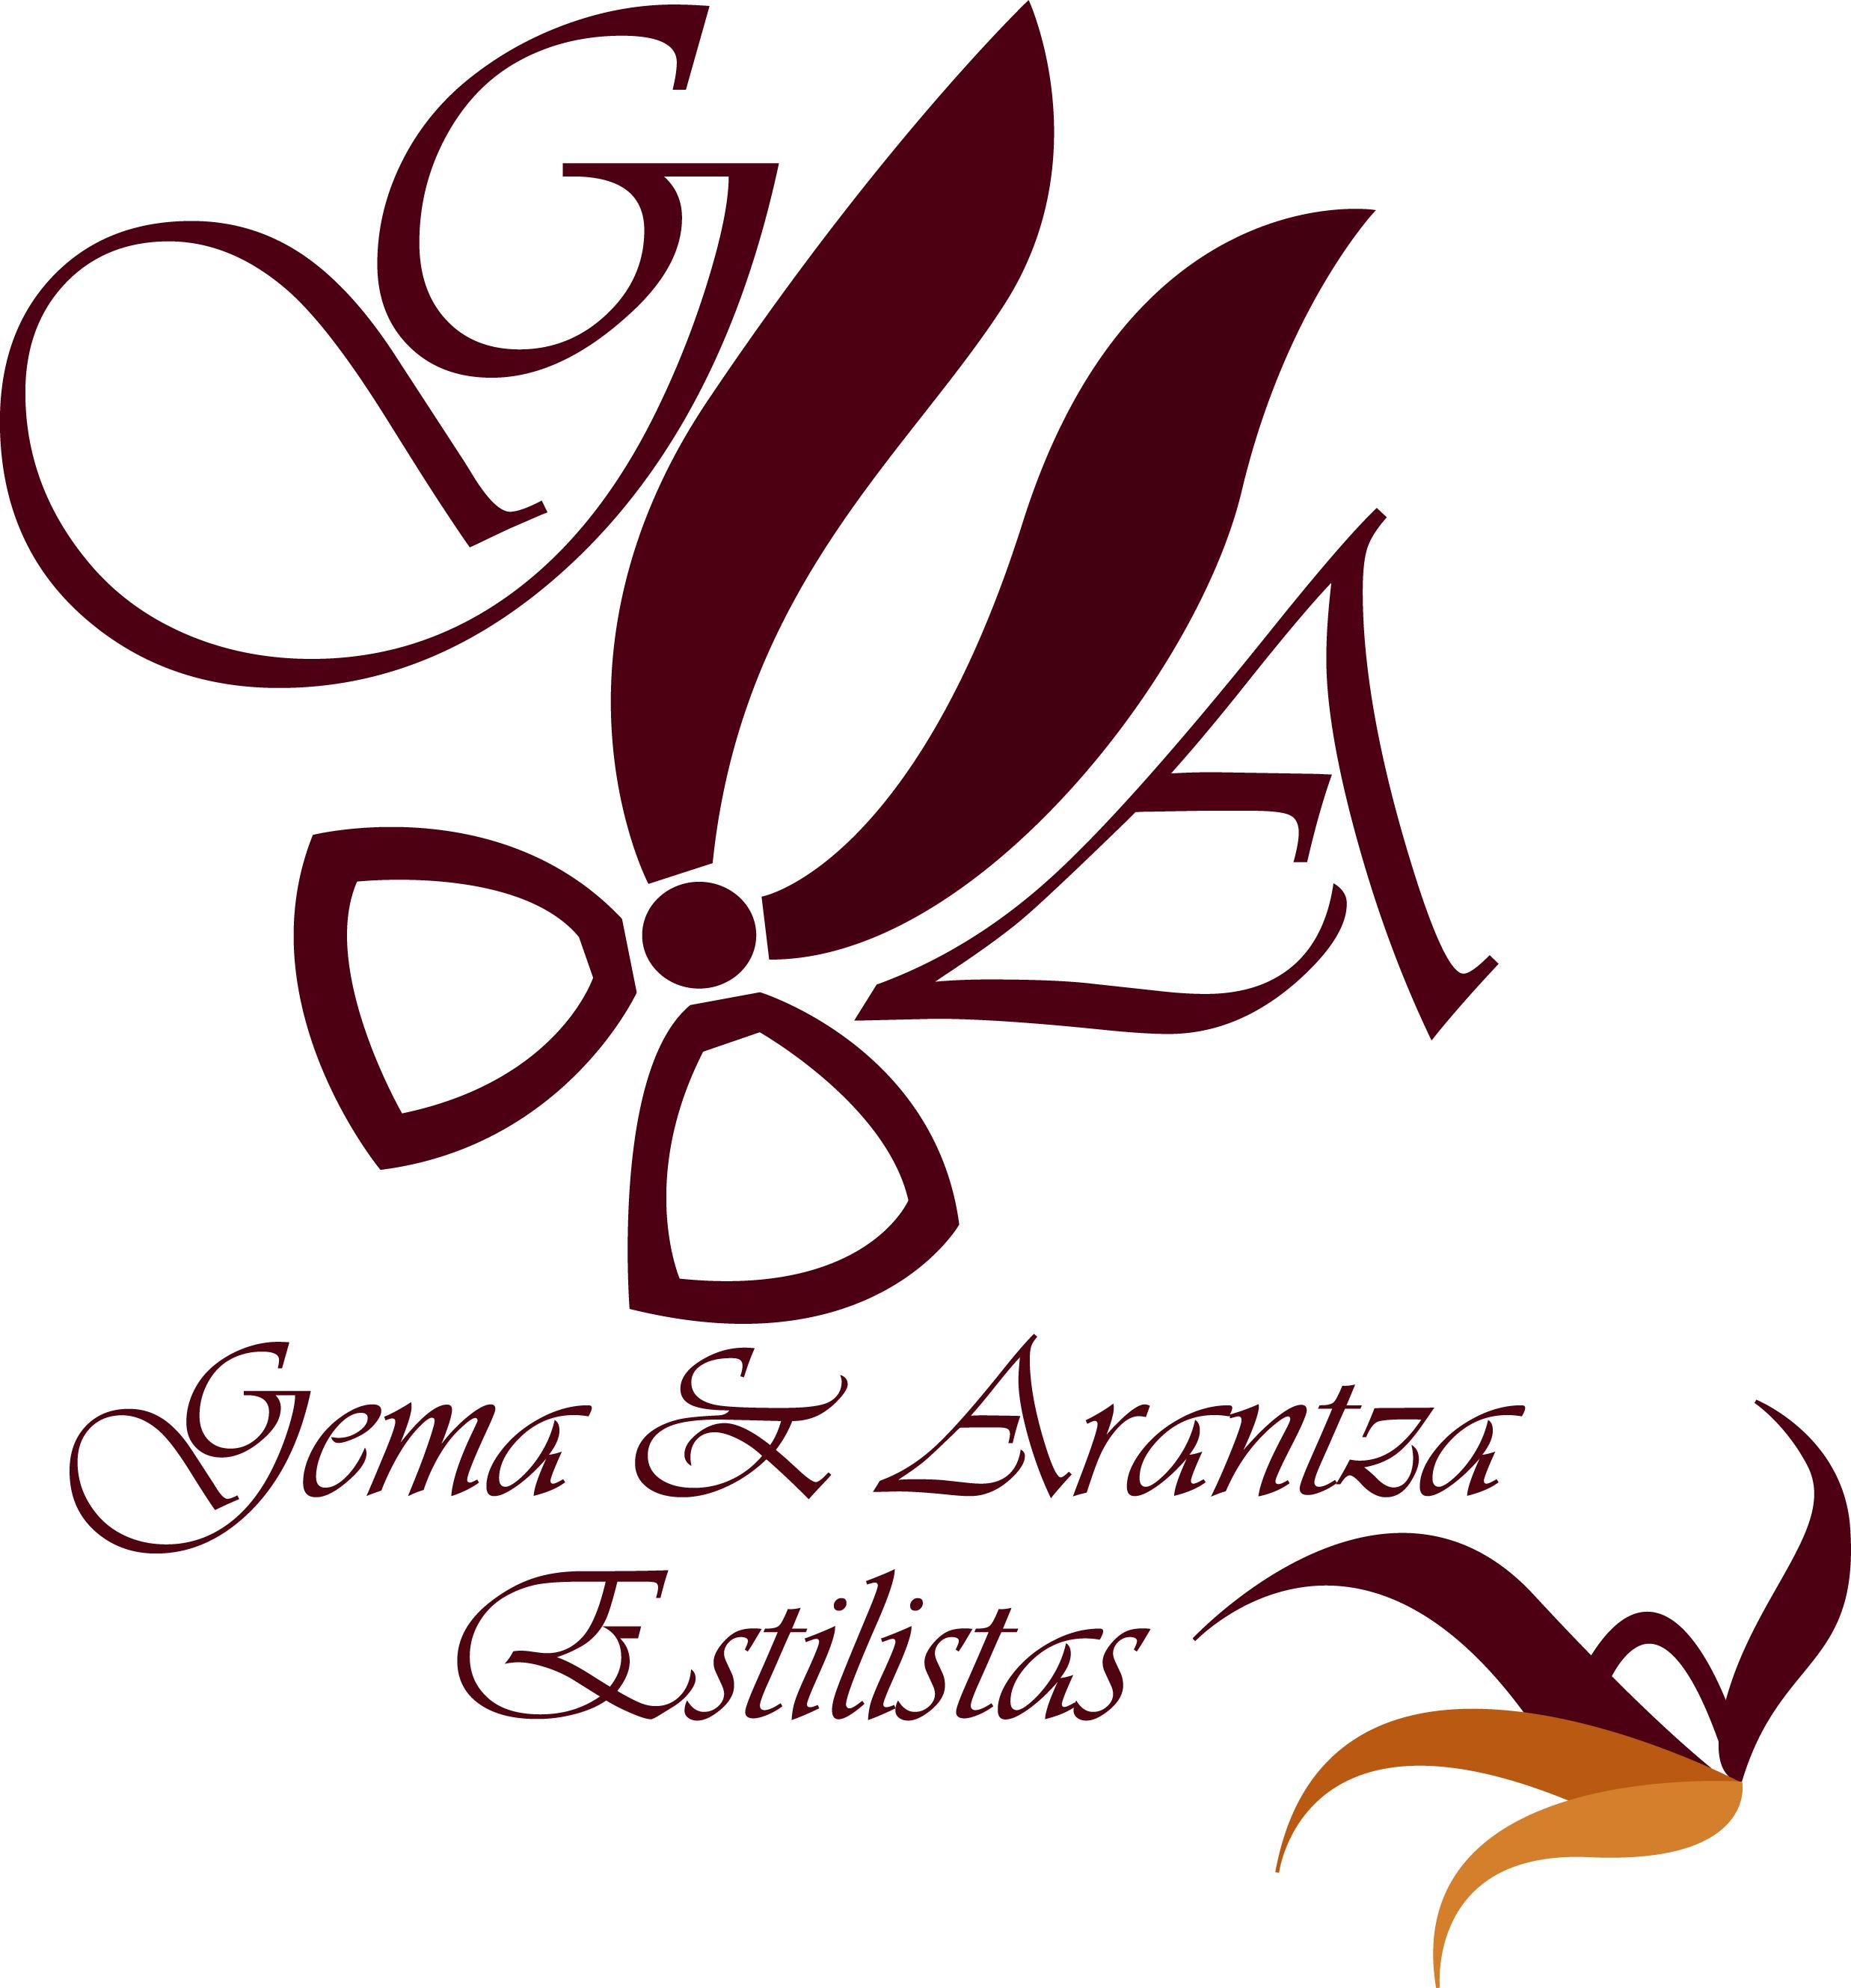 Gema & Arantza Estilistas